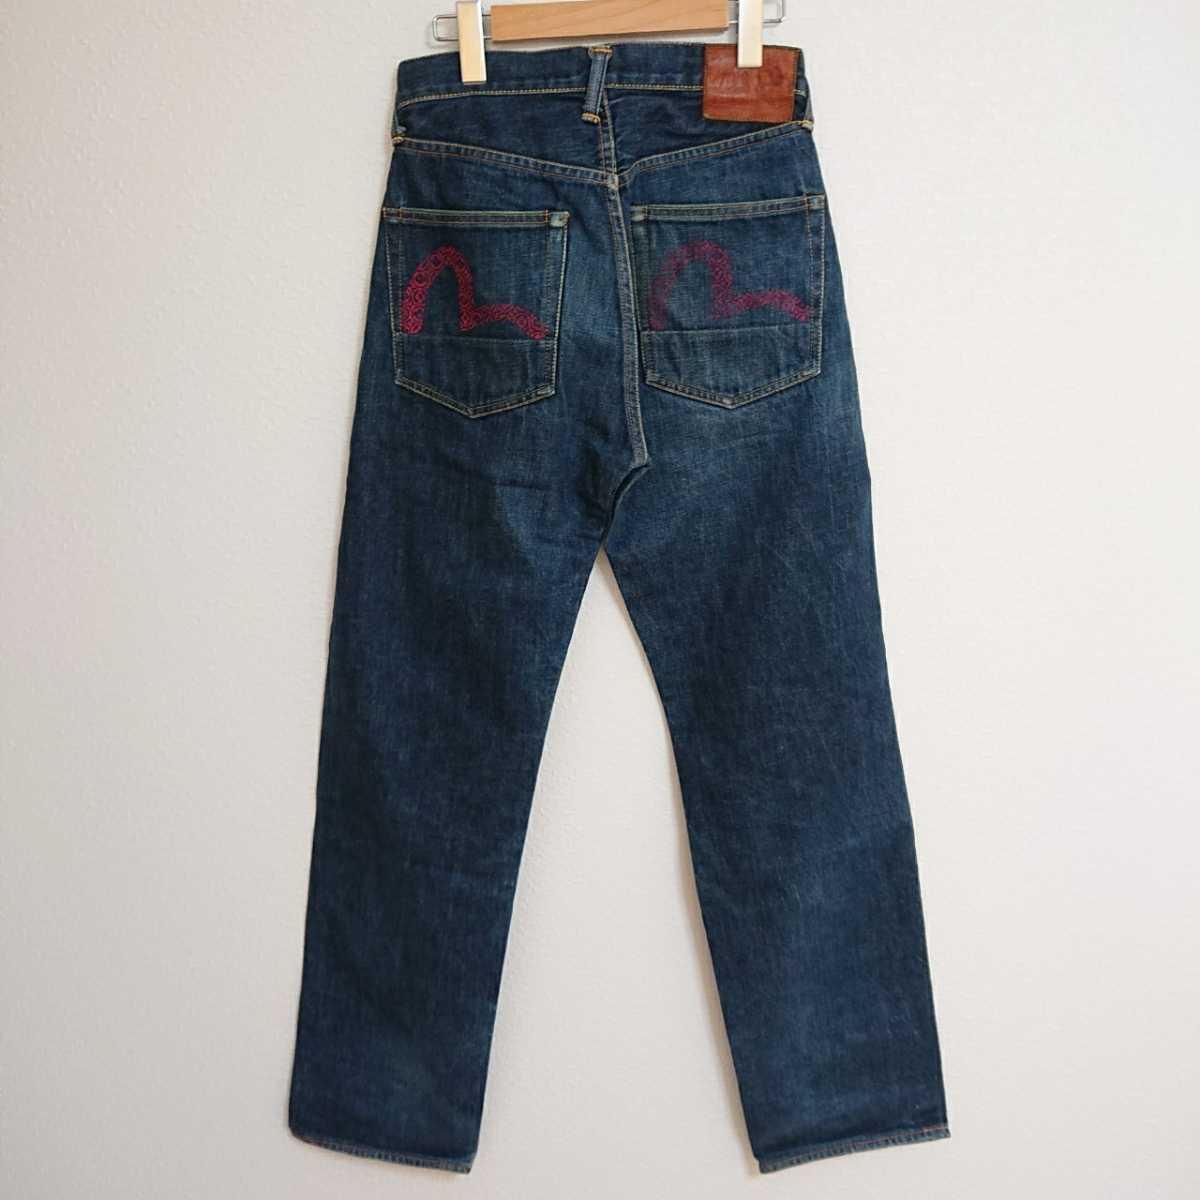 EB9L◆EVISU エヴィスジーンズ◆サイズ 29×34インチ 73cm位 S位 ジーンズ ジーパン デニム ブルー メンズ 日本製 綿100% ボタンフライ